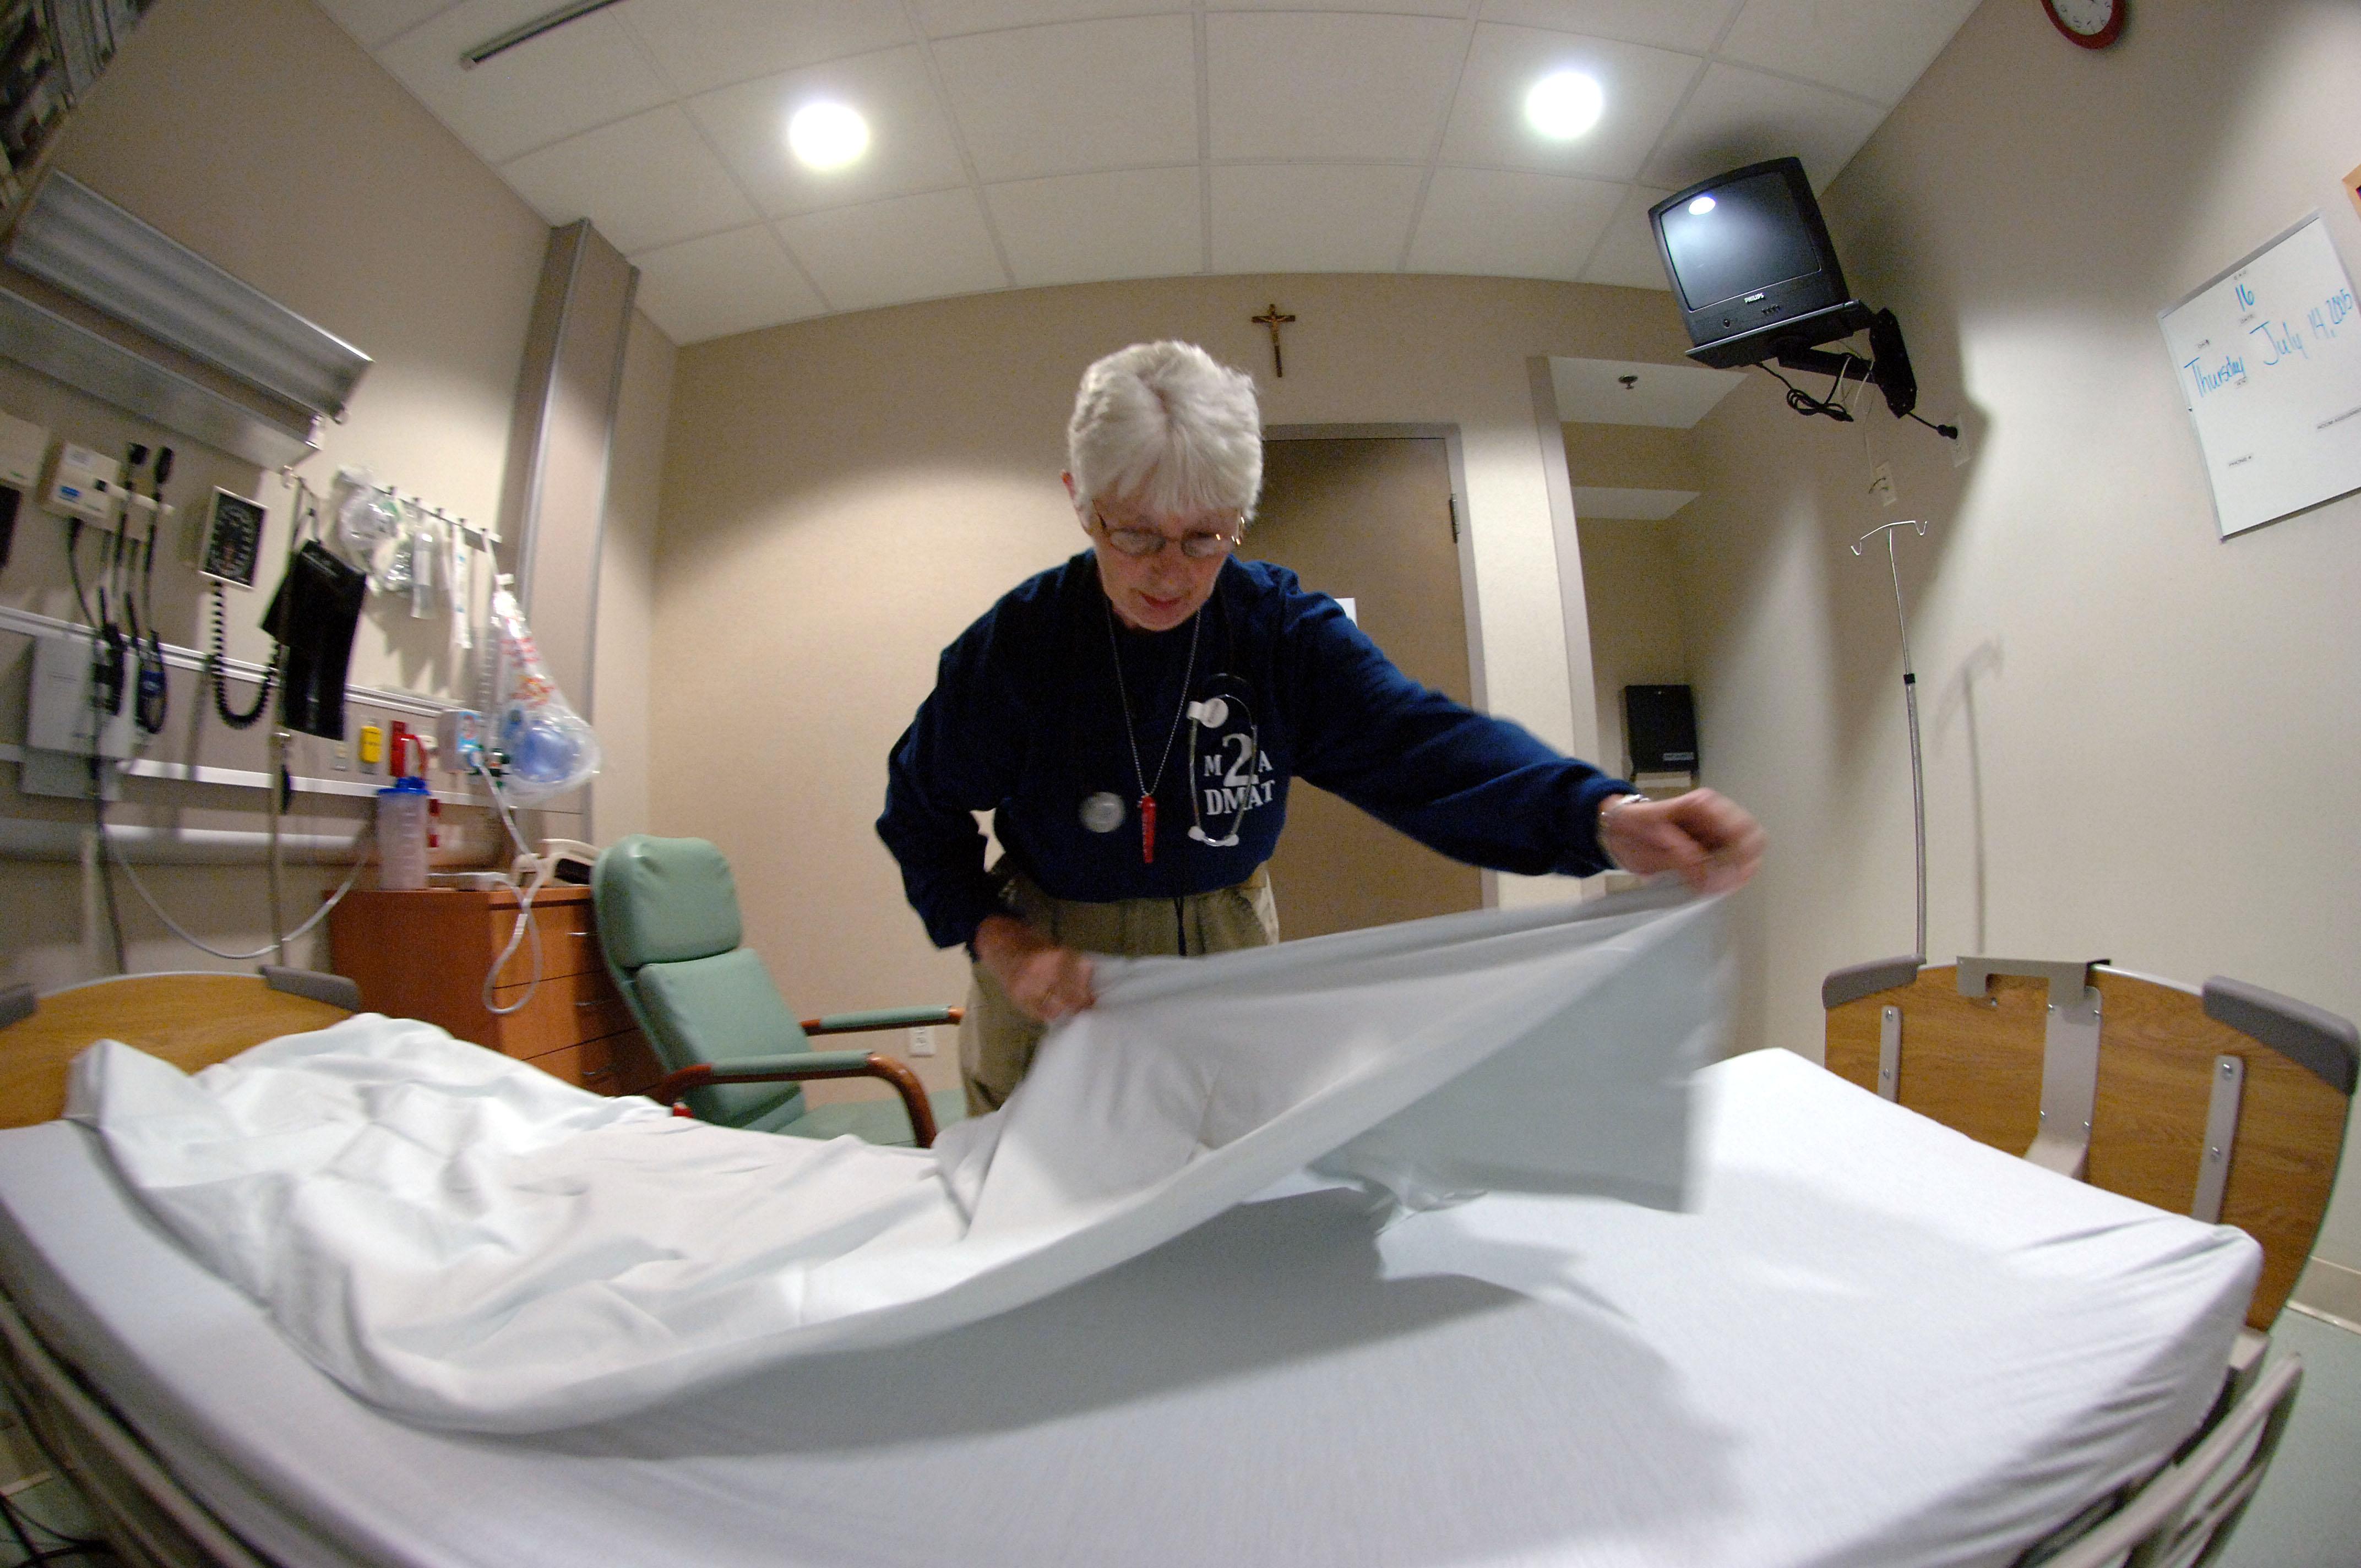 Massachusetts Emergency Room Procedures For Dog Bites